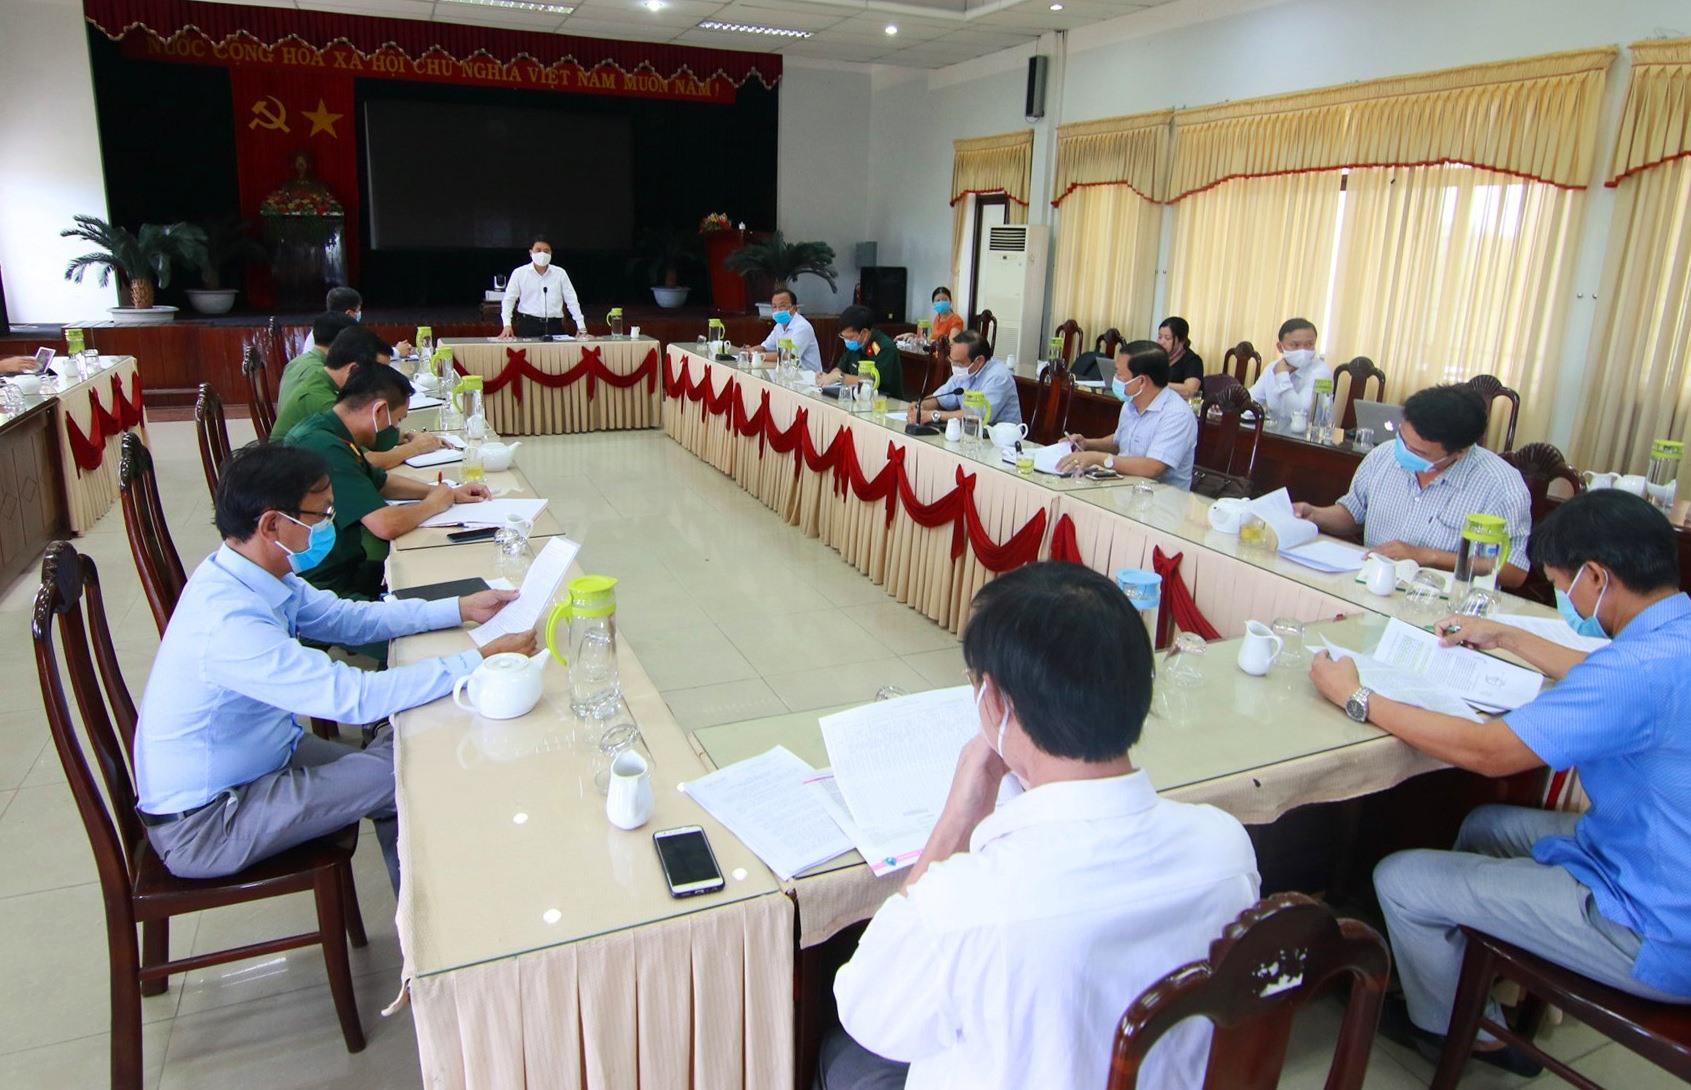 Phó Chủ tịch UBND tỉnh Trần Văn Tân đánh giá cao nỗ lực của chính quyền và người dân Thăng Bình trong bối cảnh dịch bệnh diễn biến phức tạp. Ảnh: T.C